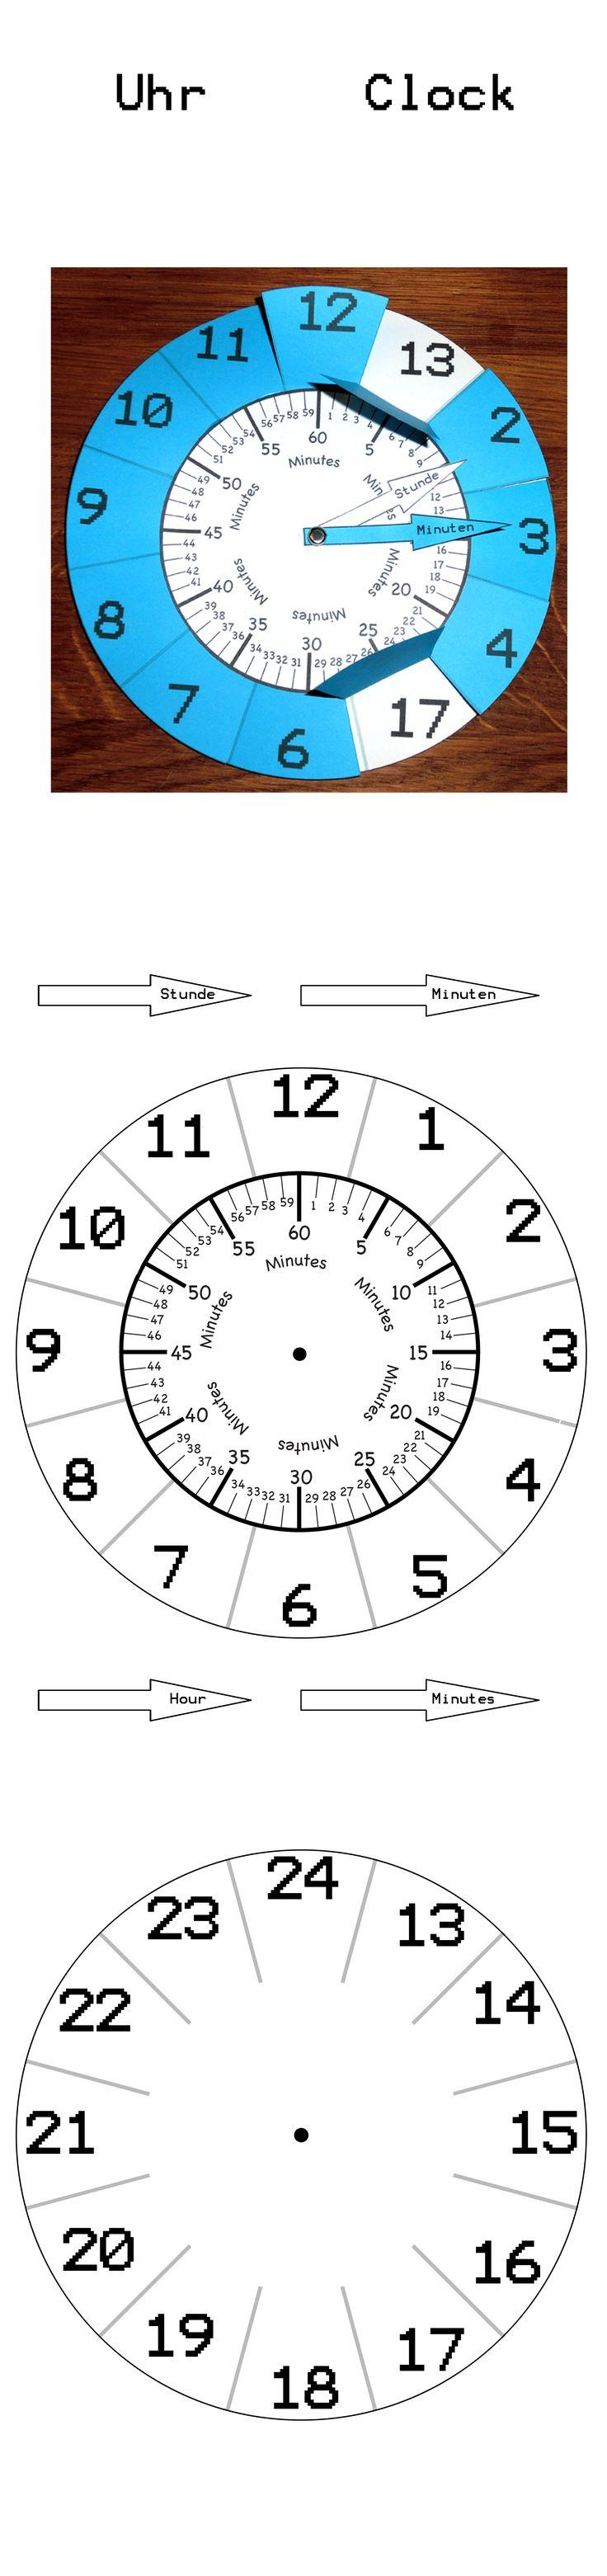 Uhr lernen, original Größe ist A4. Einfach Bild speichern und ausdrucken.